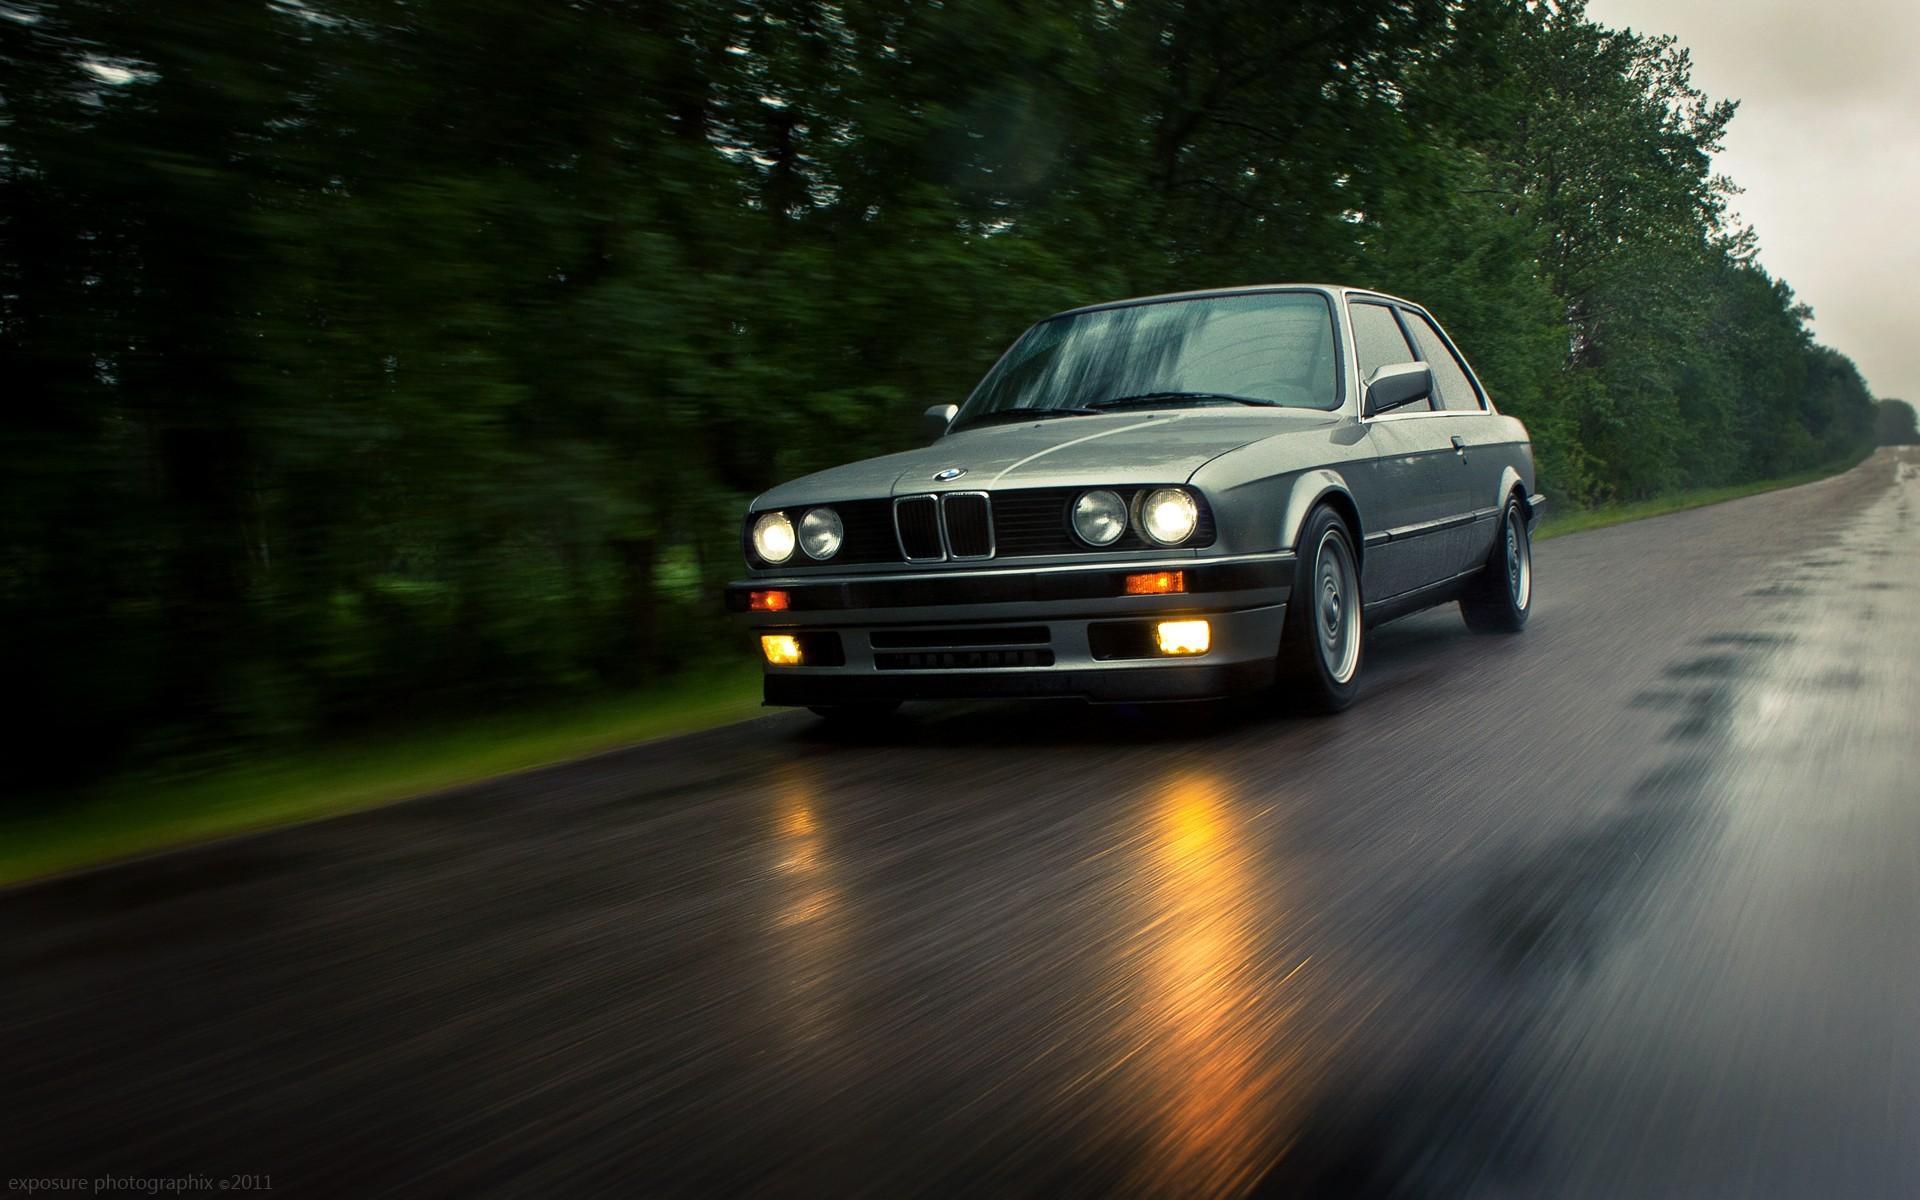 BMW E30 Wallpaper 26